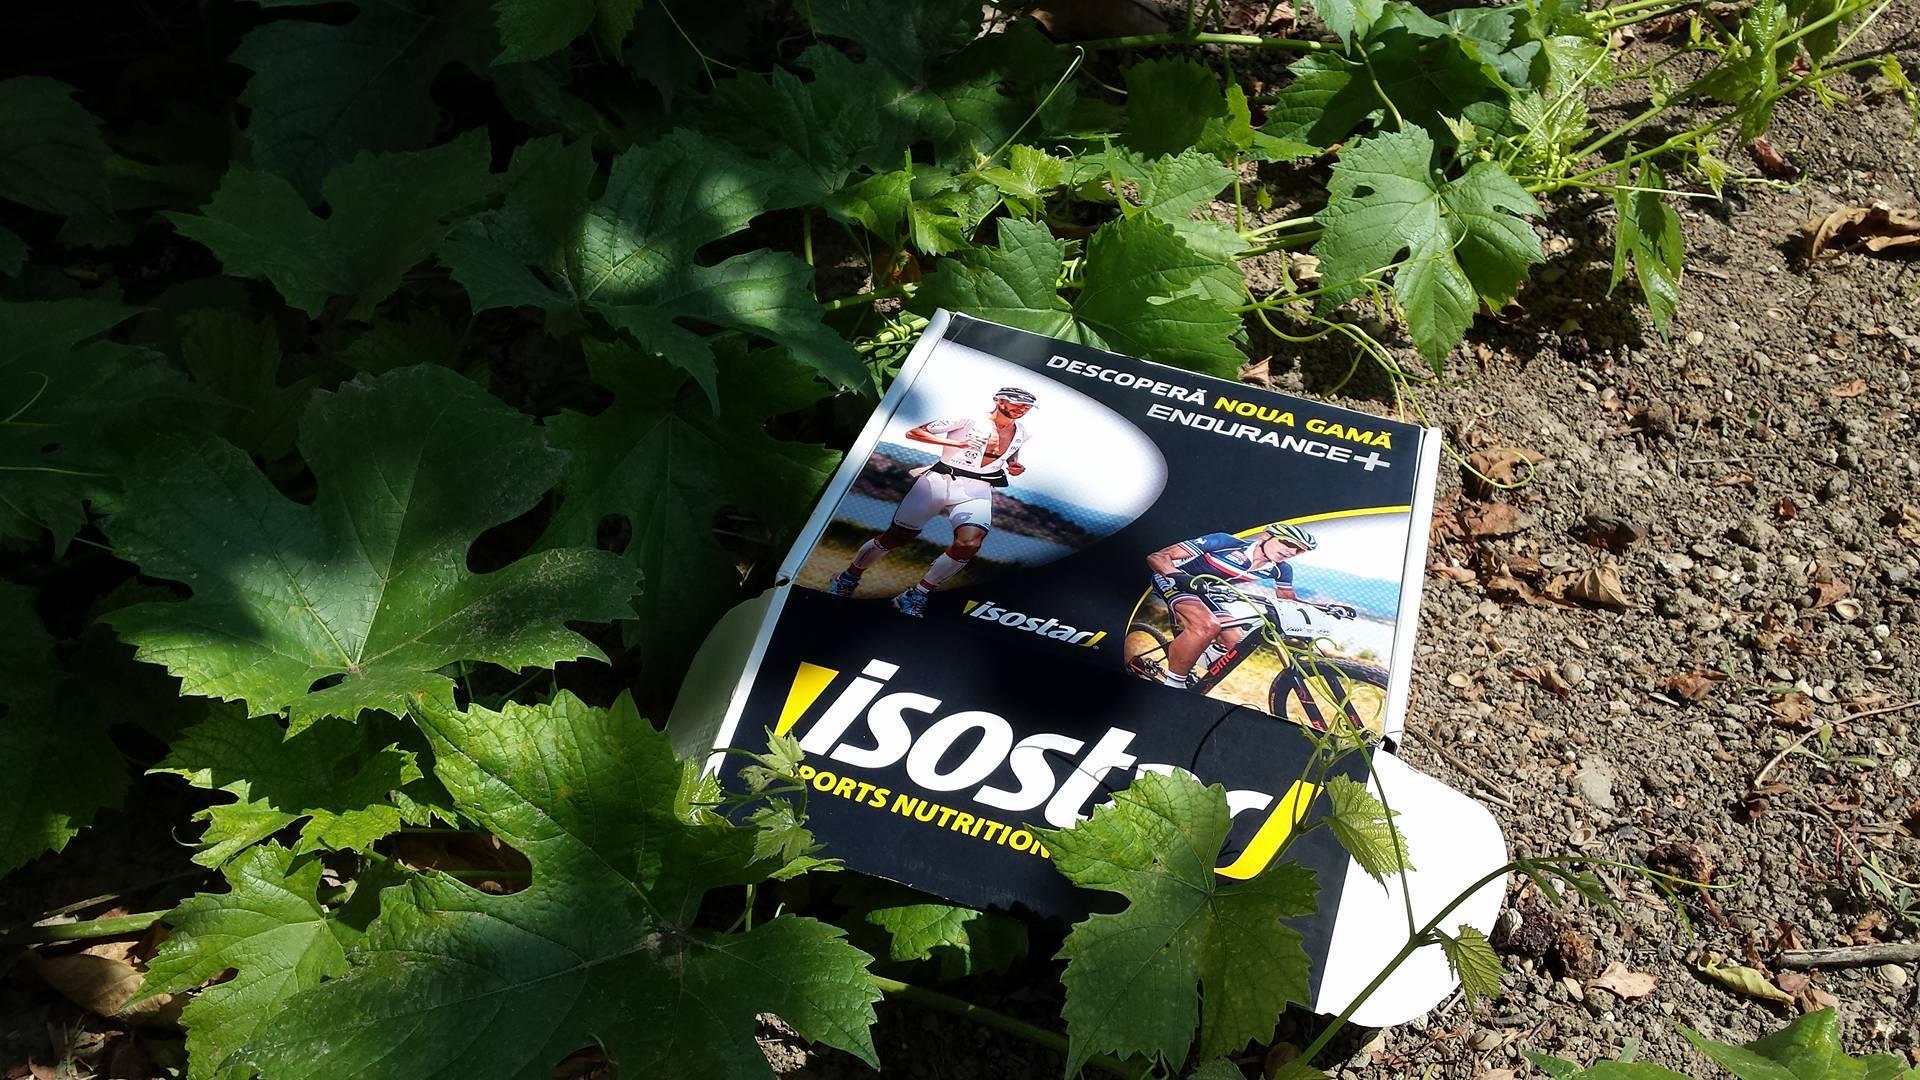 Kitul de supravieţuire pentru anduranţă Endurance + de la Isostar